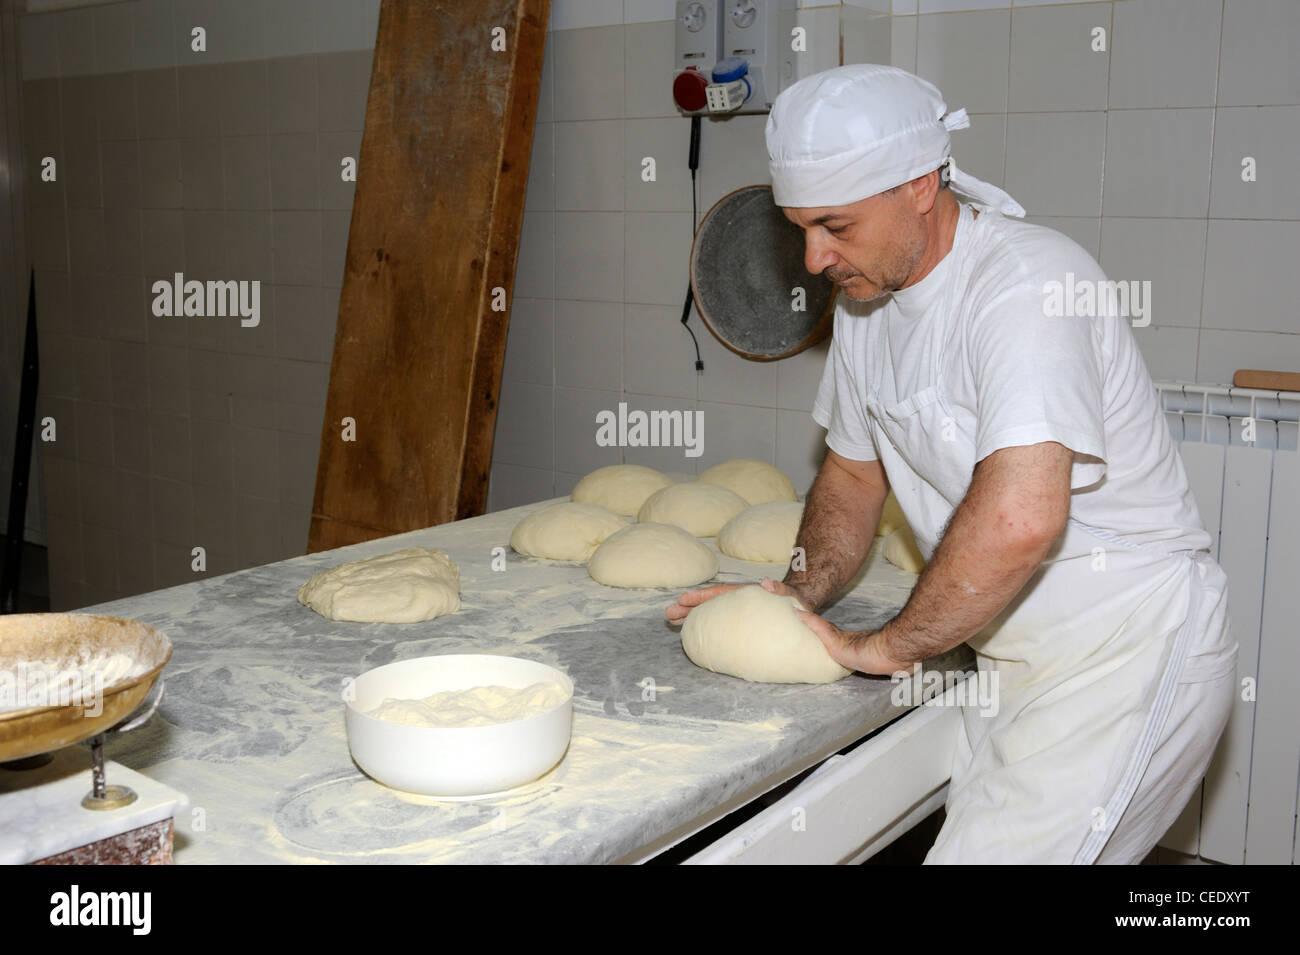 italy, basilicata, bakery, baker kneading bread Stock Photo